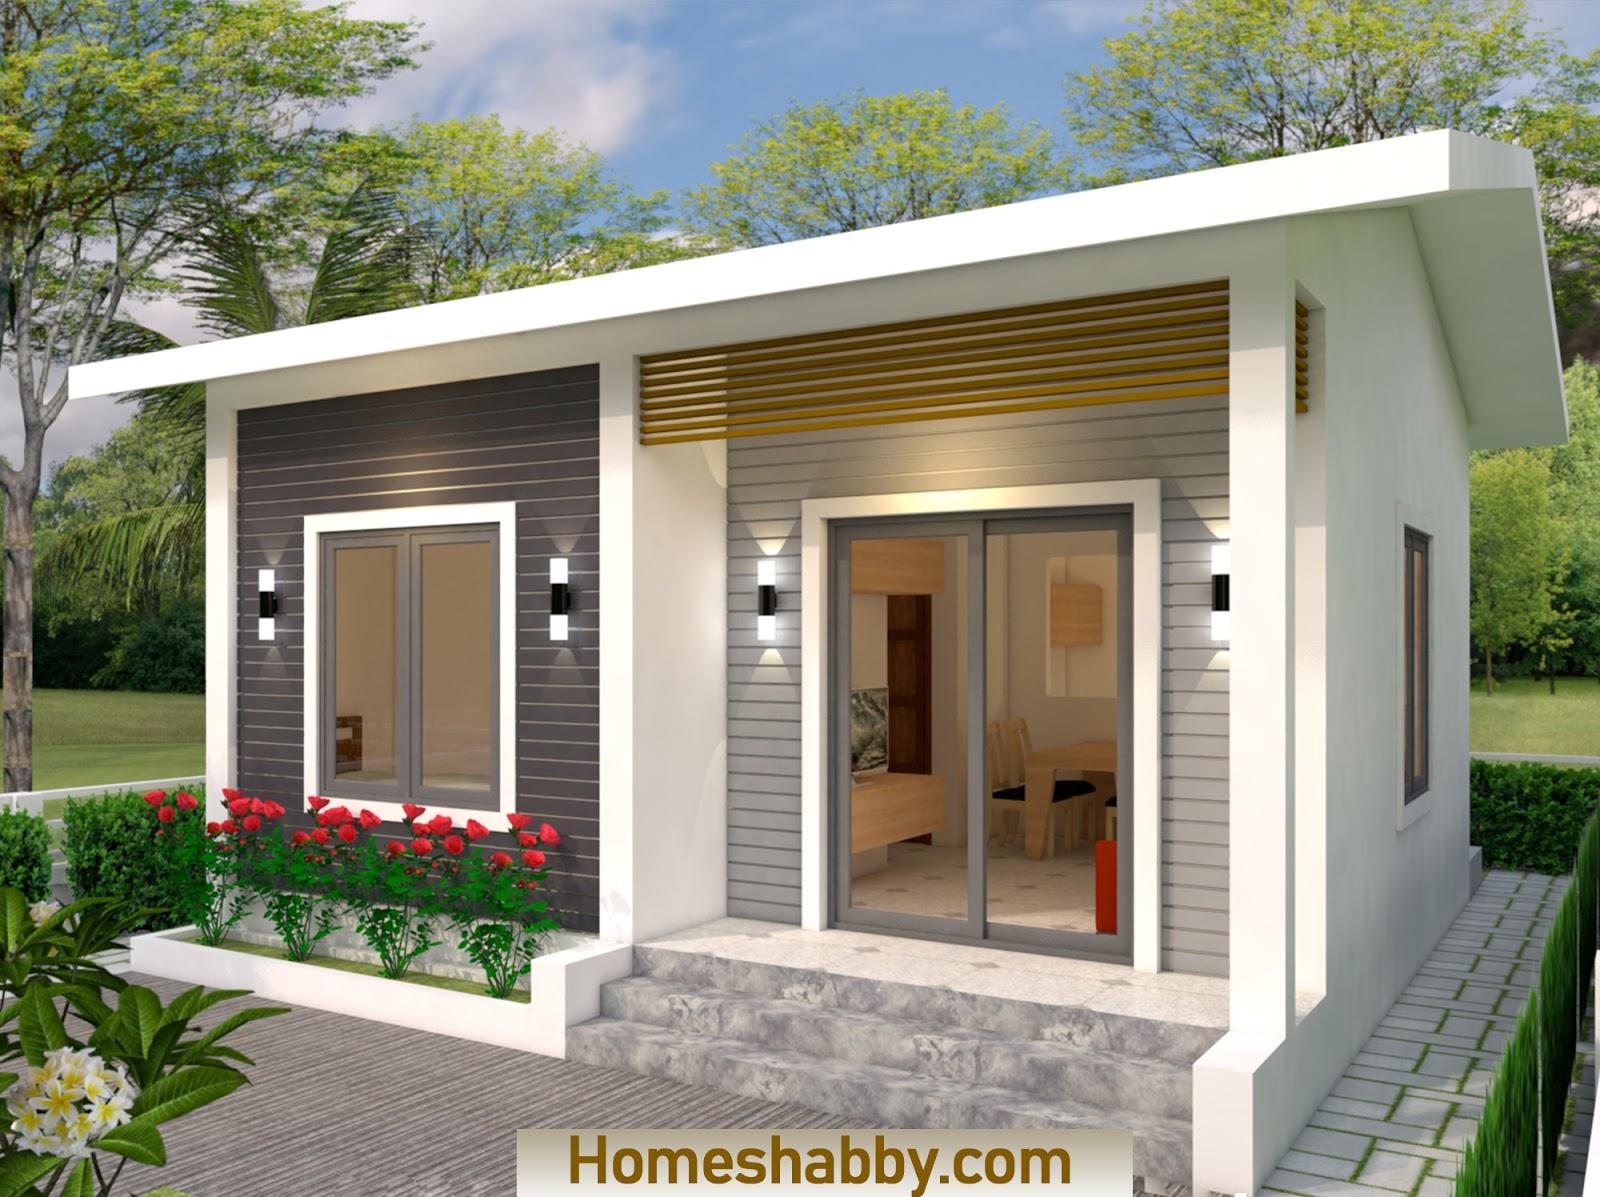 desain rumah mungil 1 lantai 2 kamar tidur